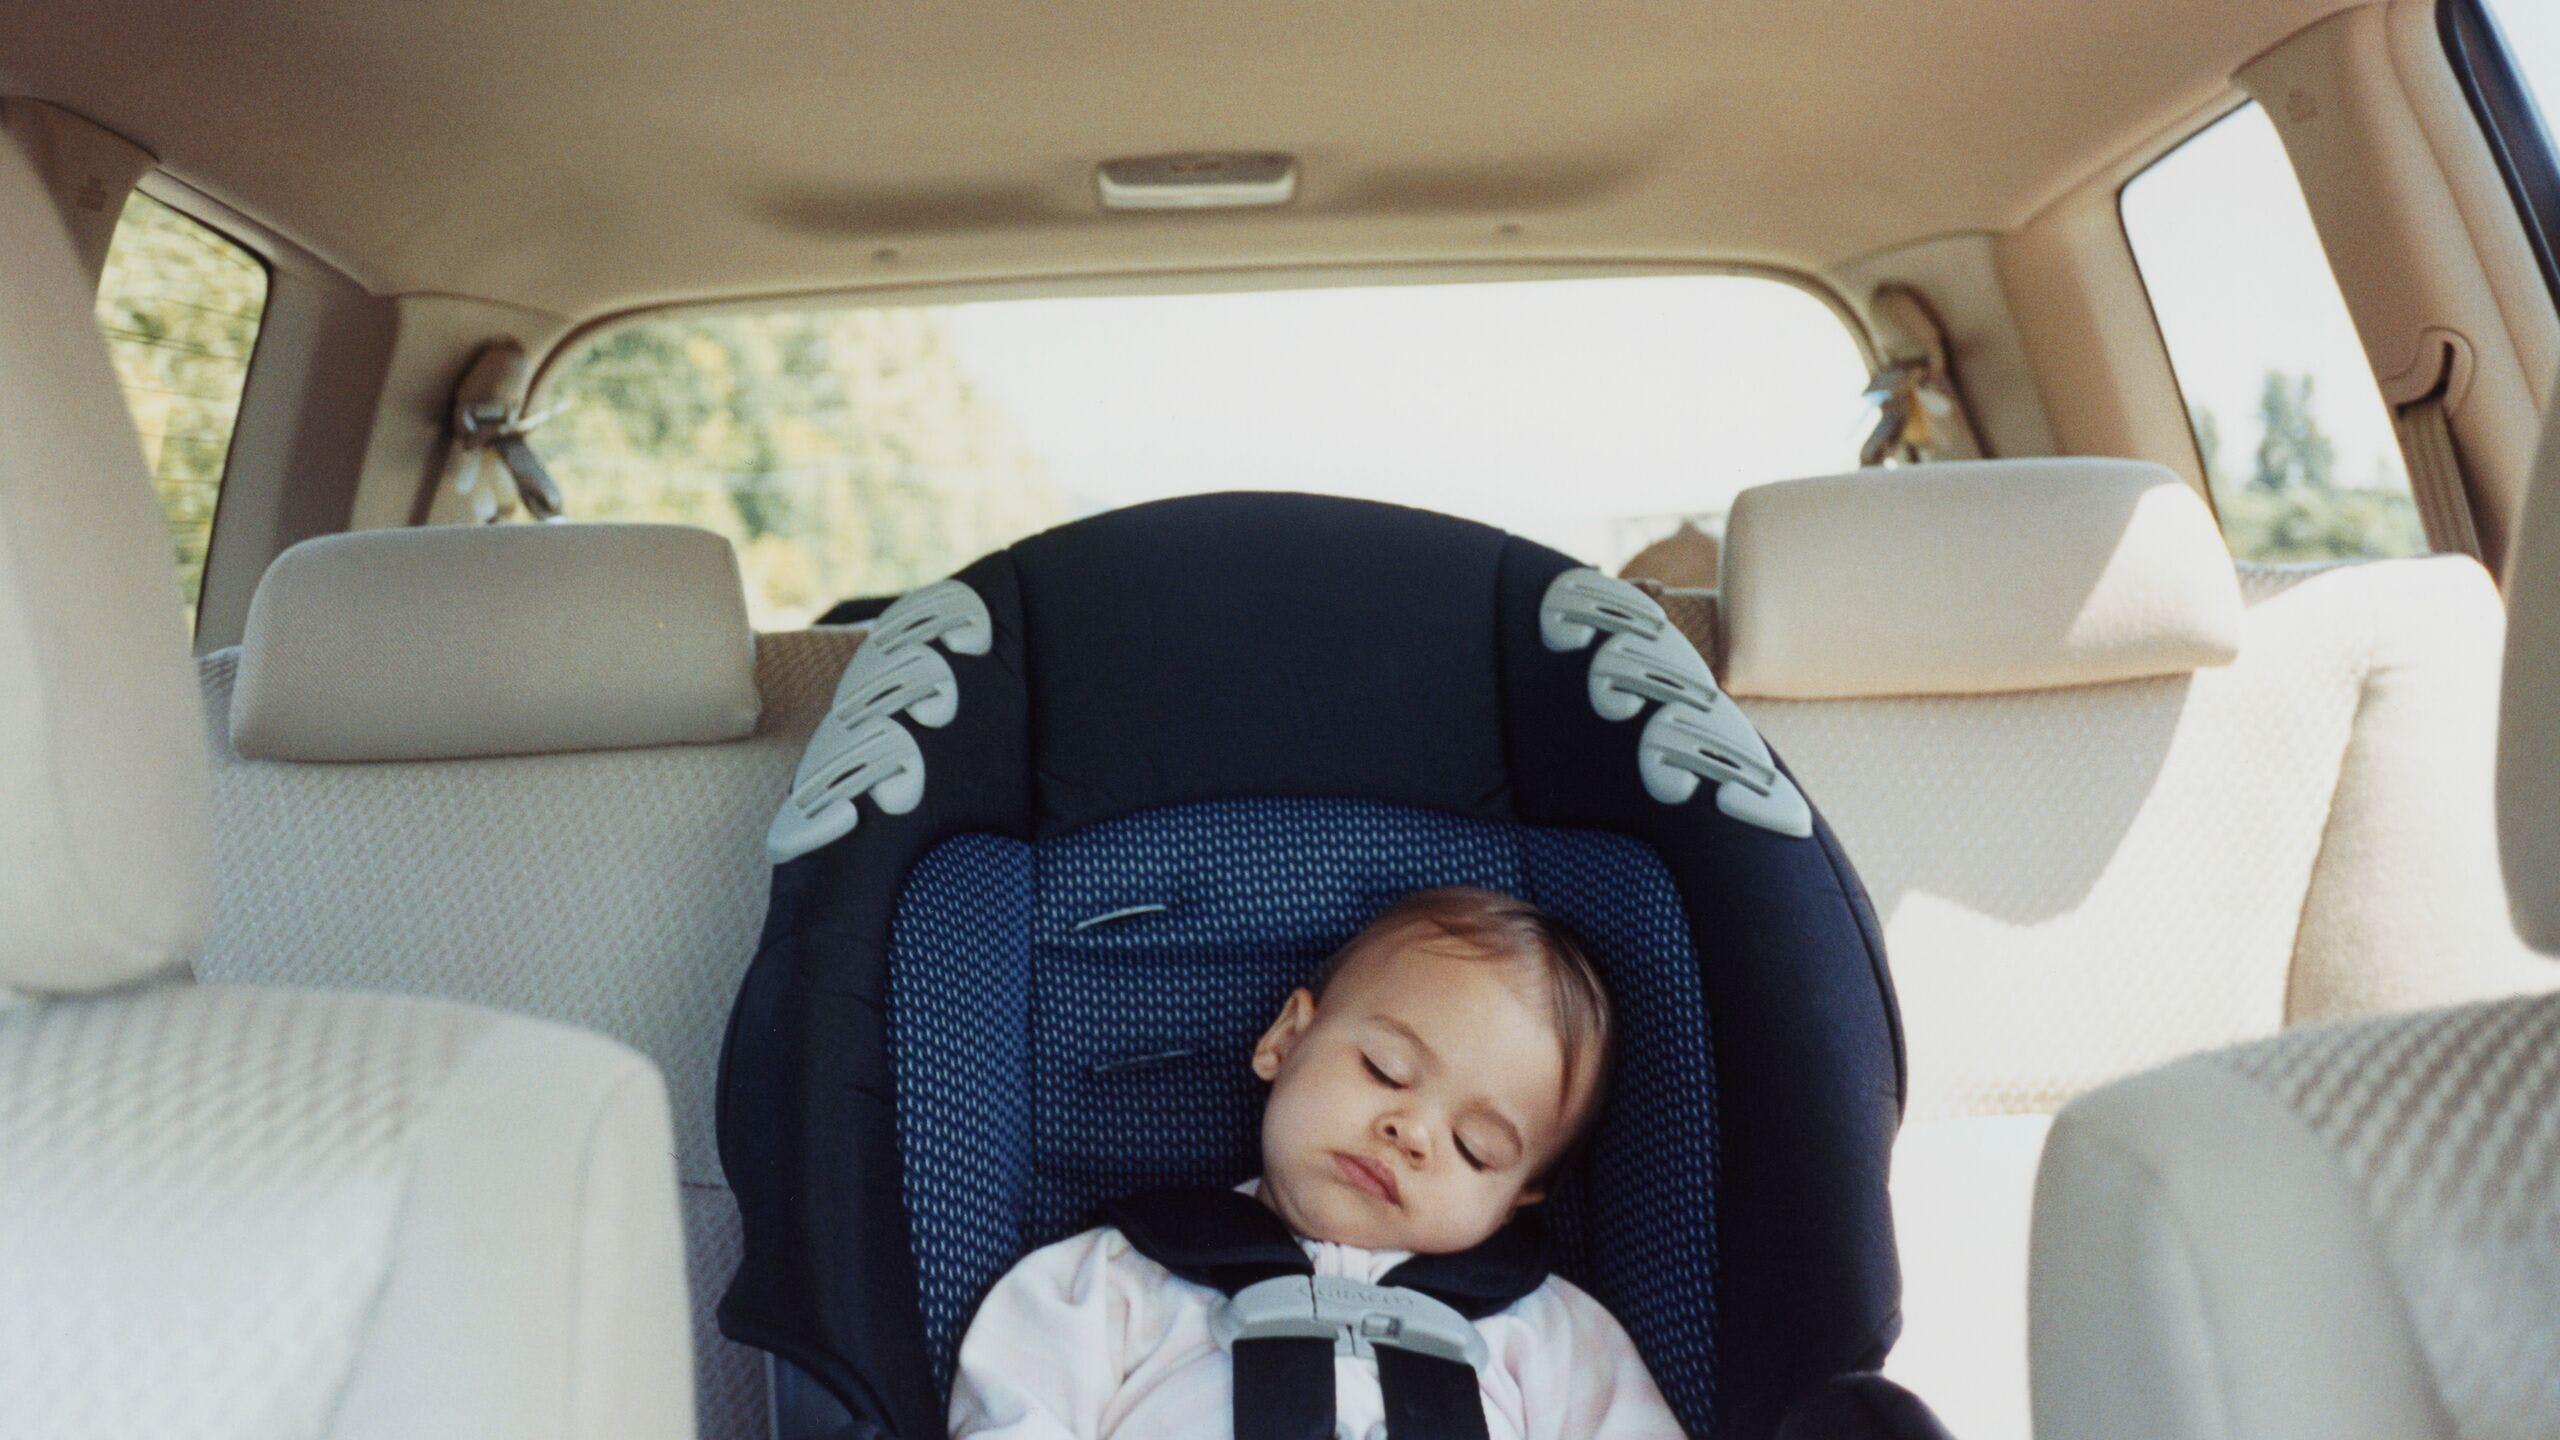 AXA Luxembourg - Quelle position est la plus sûre pour votre enfant en voiture ?